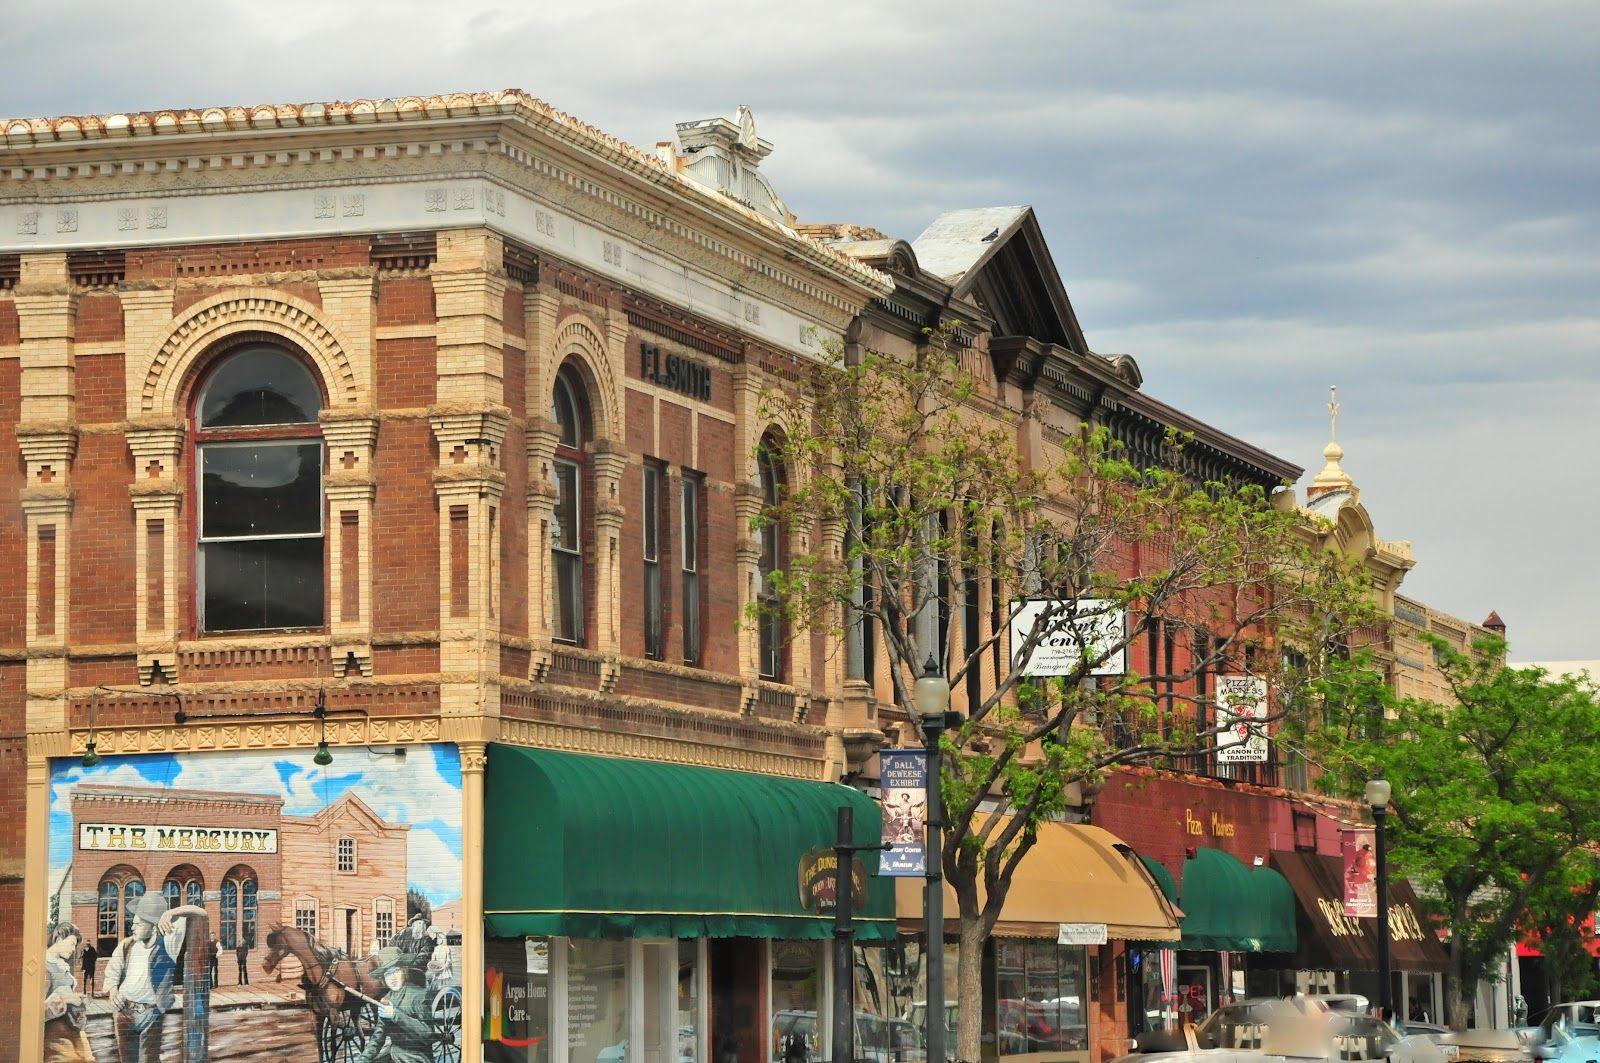 Downtown Canon City Colorado 1950s Postcard Canon City Colorado Pinterest Canon Cities And 1950s Canon City Colorado Canon City Scenic